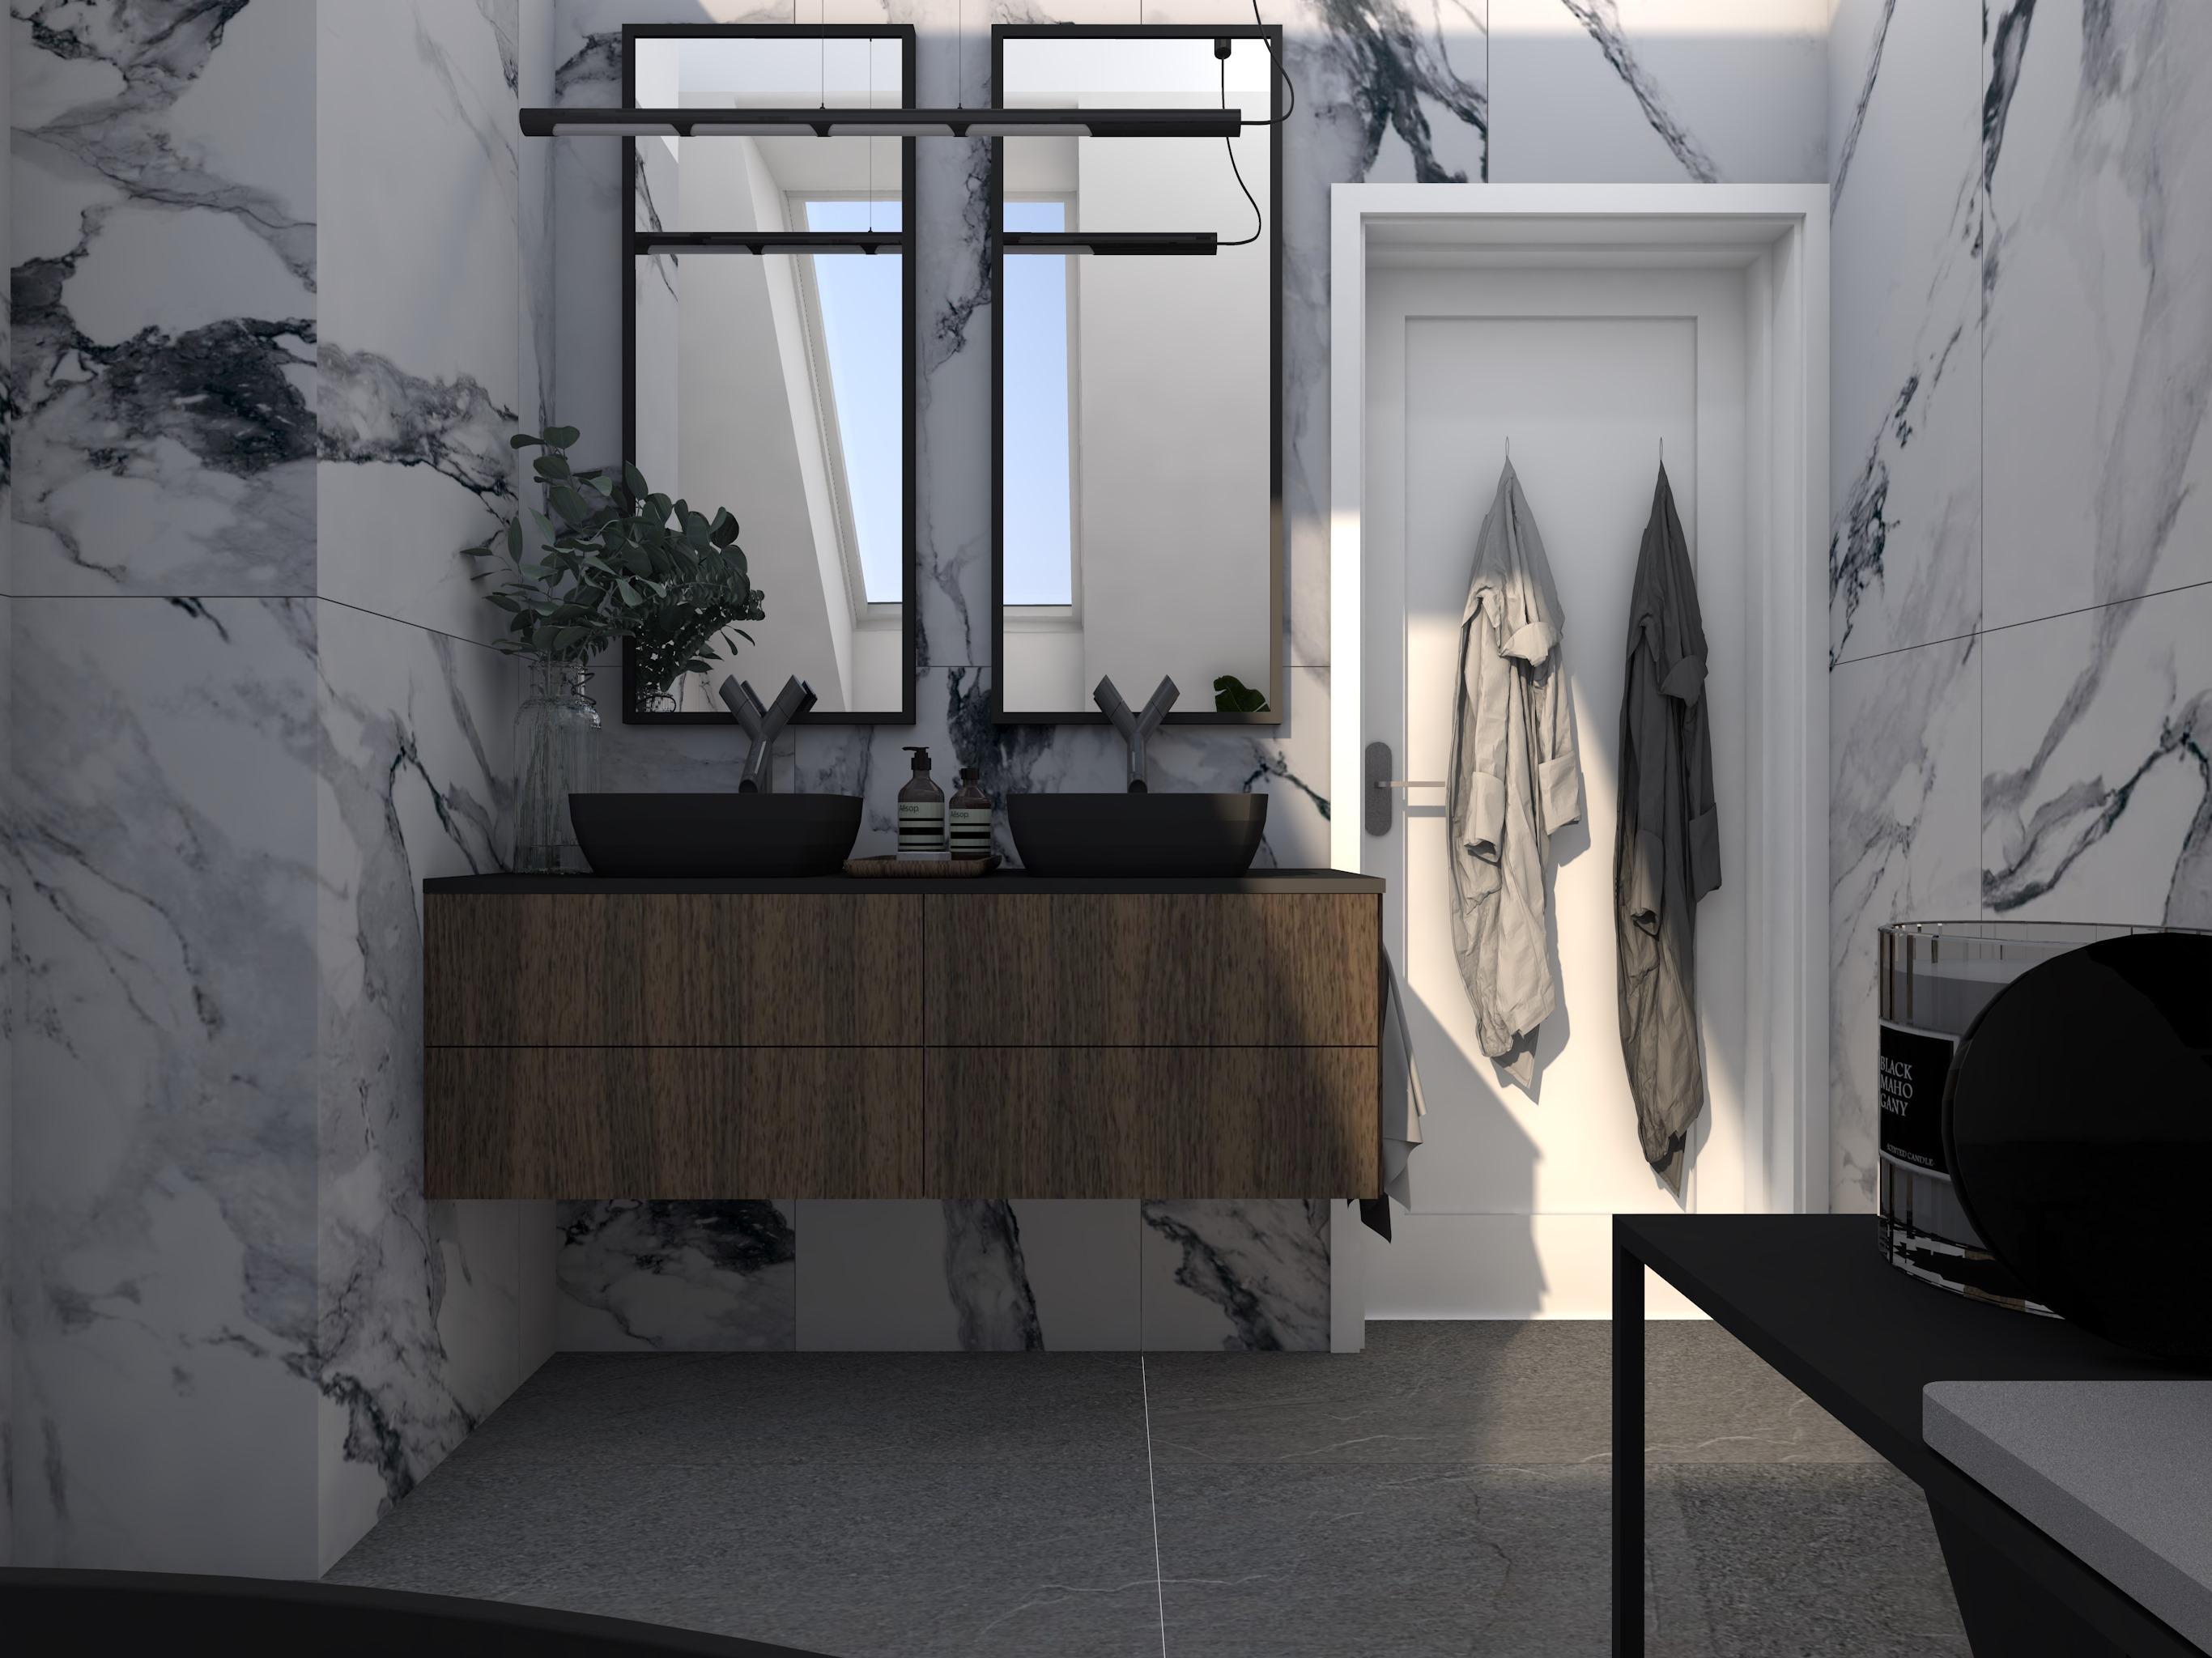 Projekty dużej łazienki z dwoma lustrami i umywalkami oraz plytkami imitującymi marmur